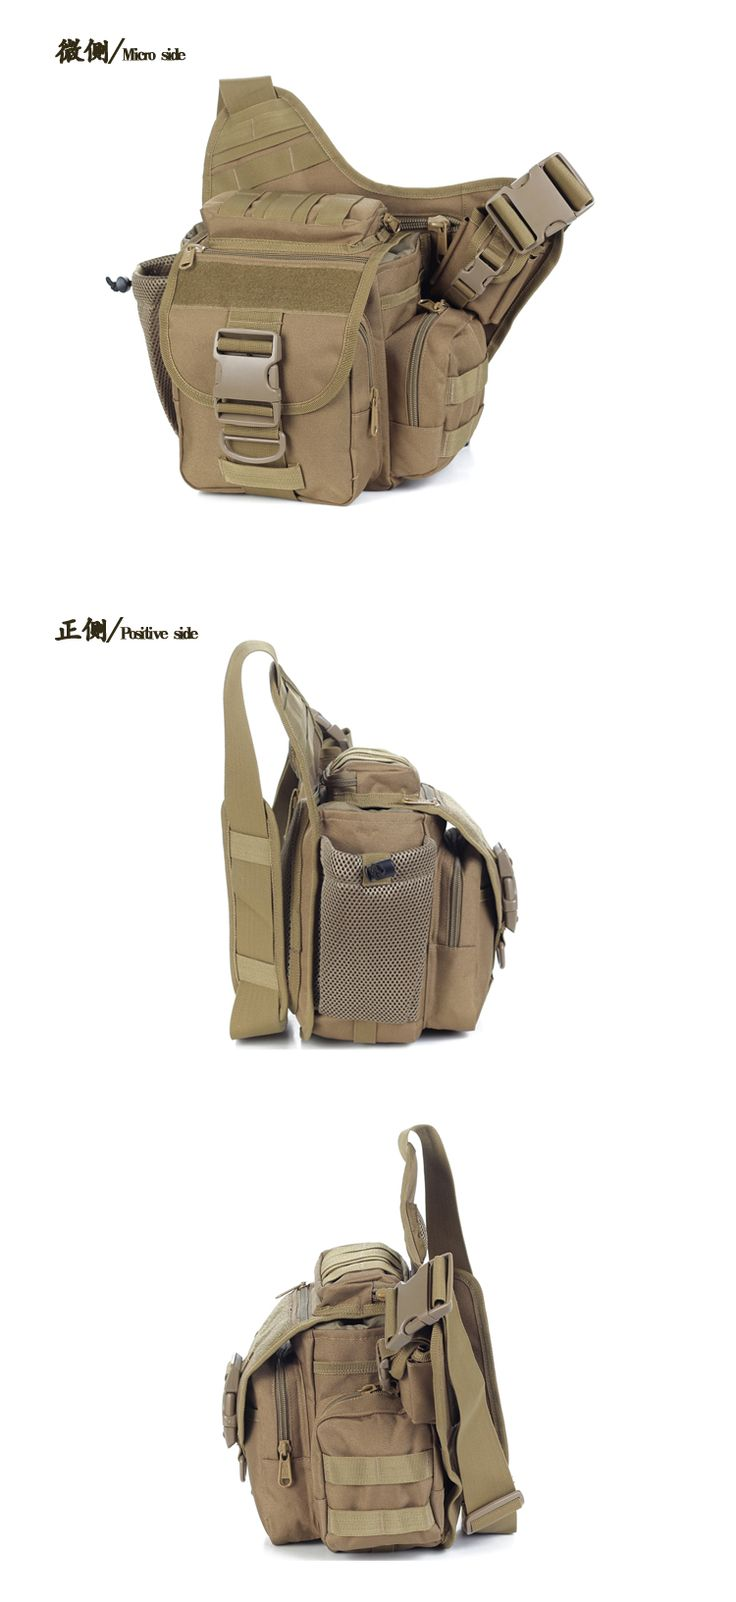 Тактический военный рюкзак молл камуфляж путешествие мешок на открытом воздухе спорт мешок кемпинг пеший туризм kippling мужчины мешок купить на AliExpress